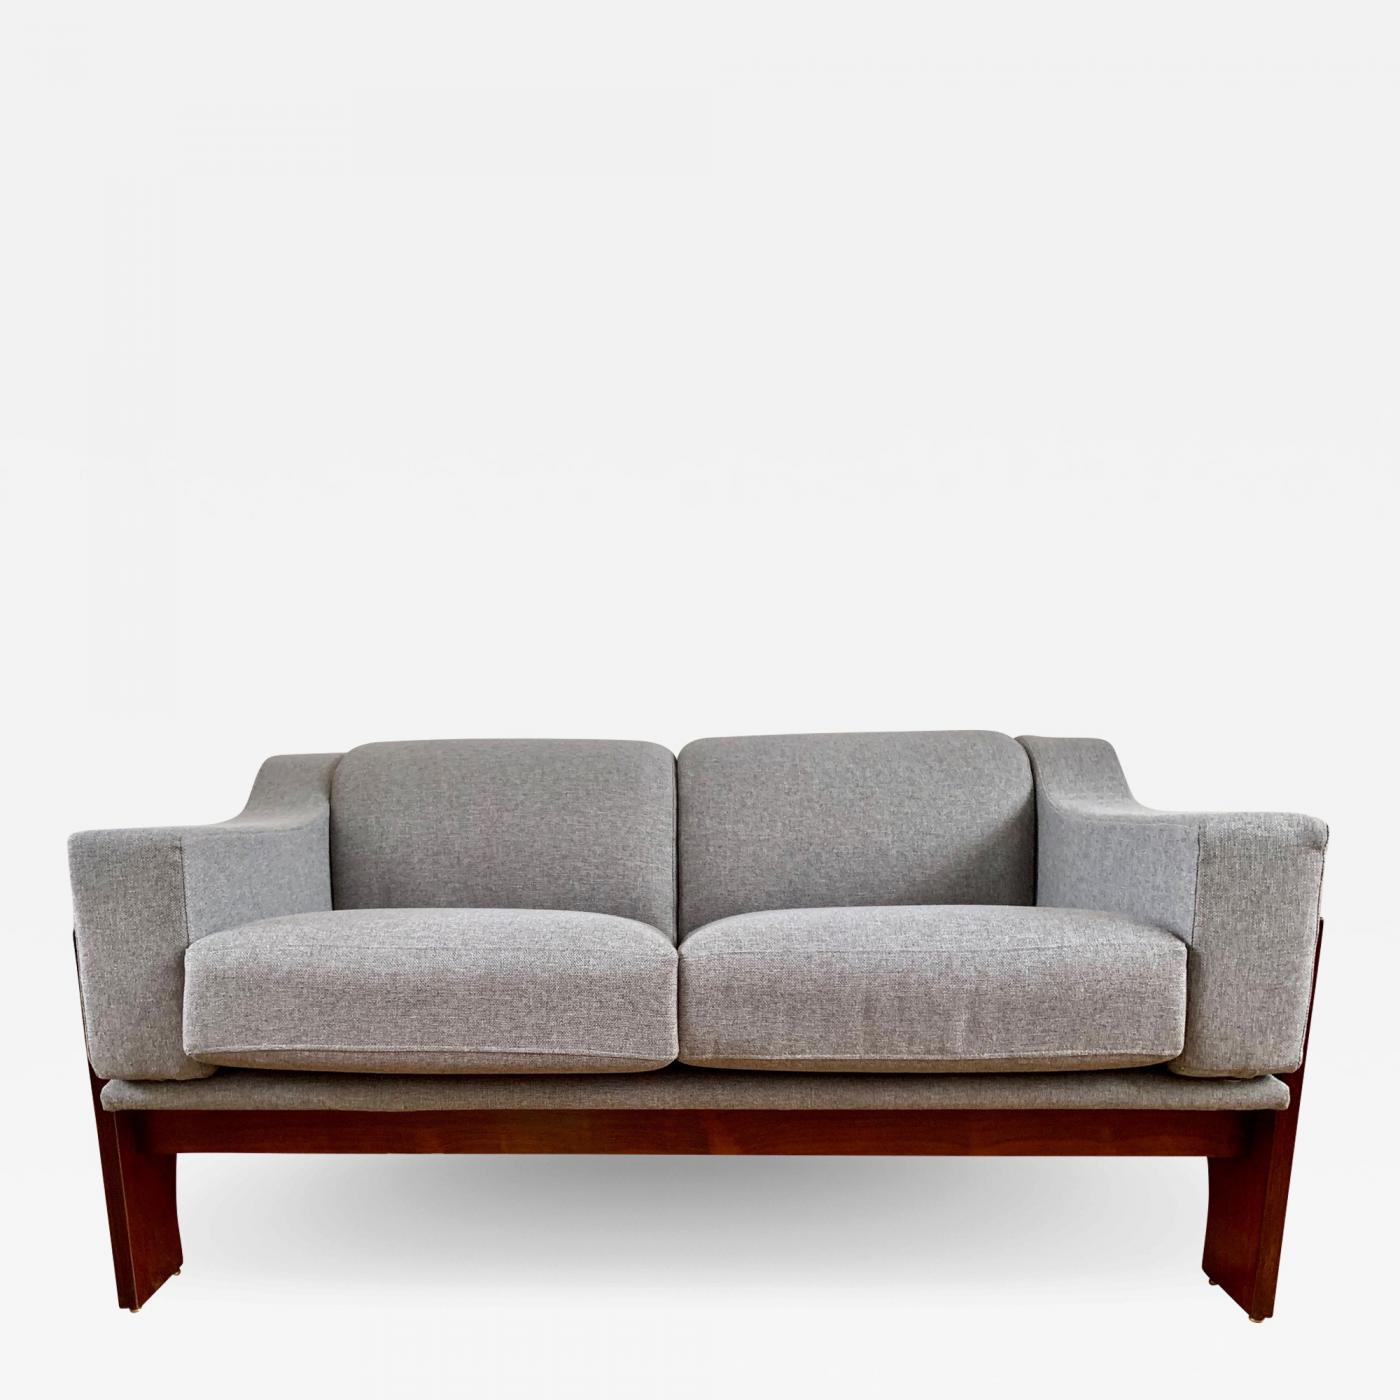 Claudio Salocchi - - Oriolo - 2 Seater Sofa